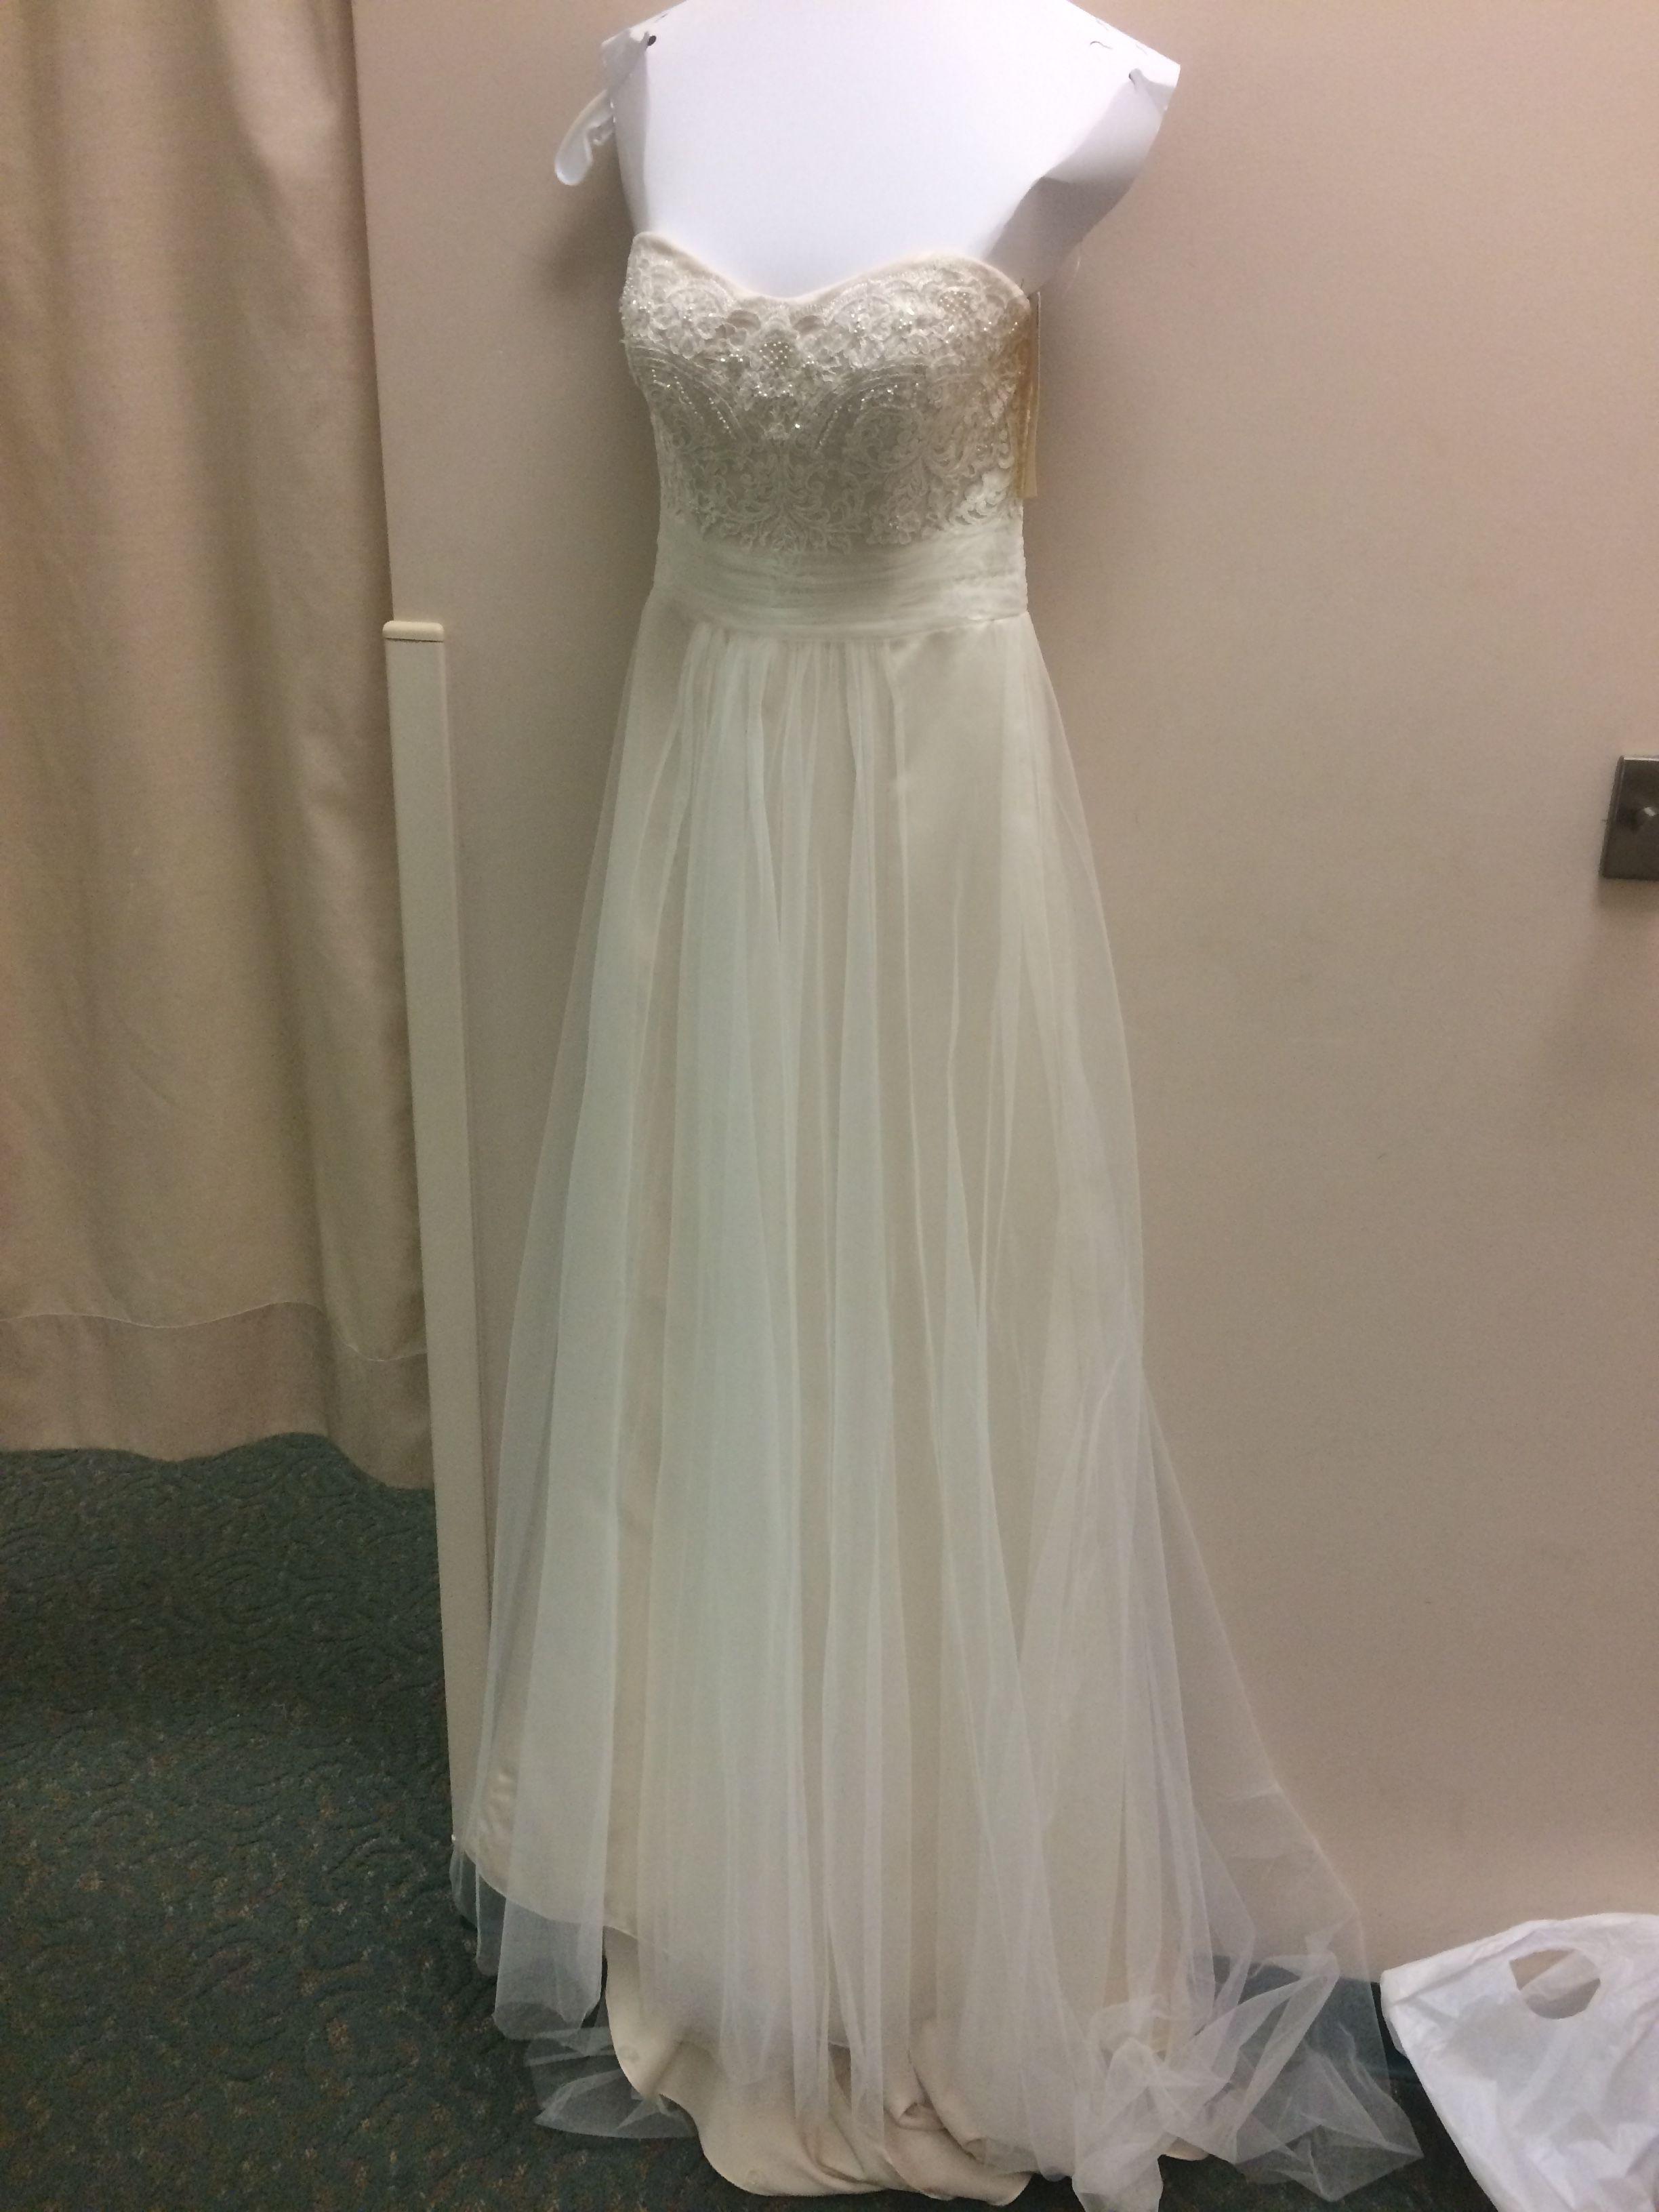 0c4ffc5ddfdea David's Bridal - WG3586 in Ivory/Champagne | Wedding | Wedding ...